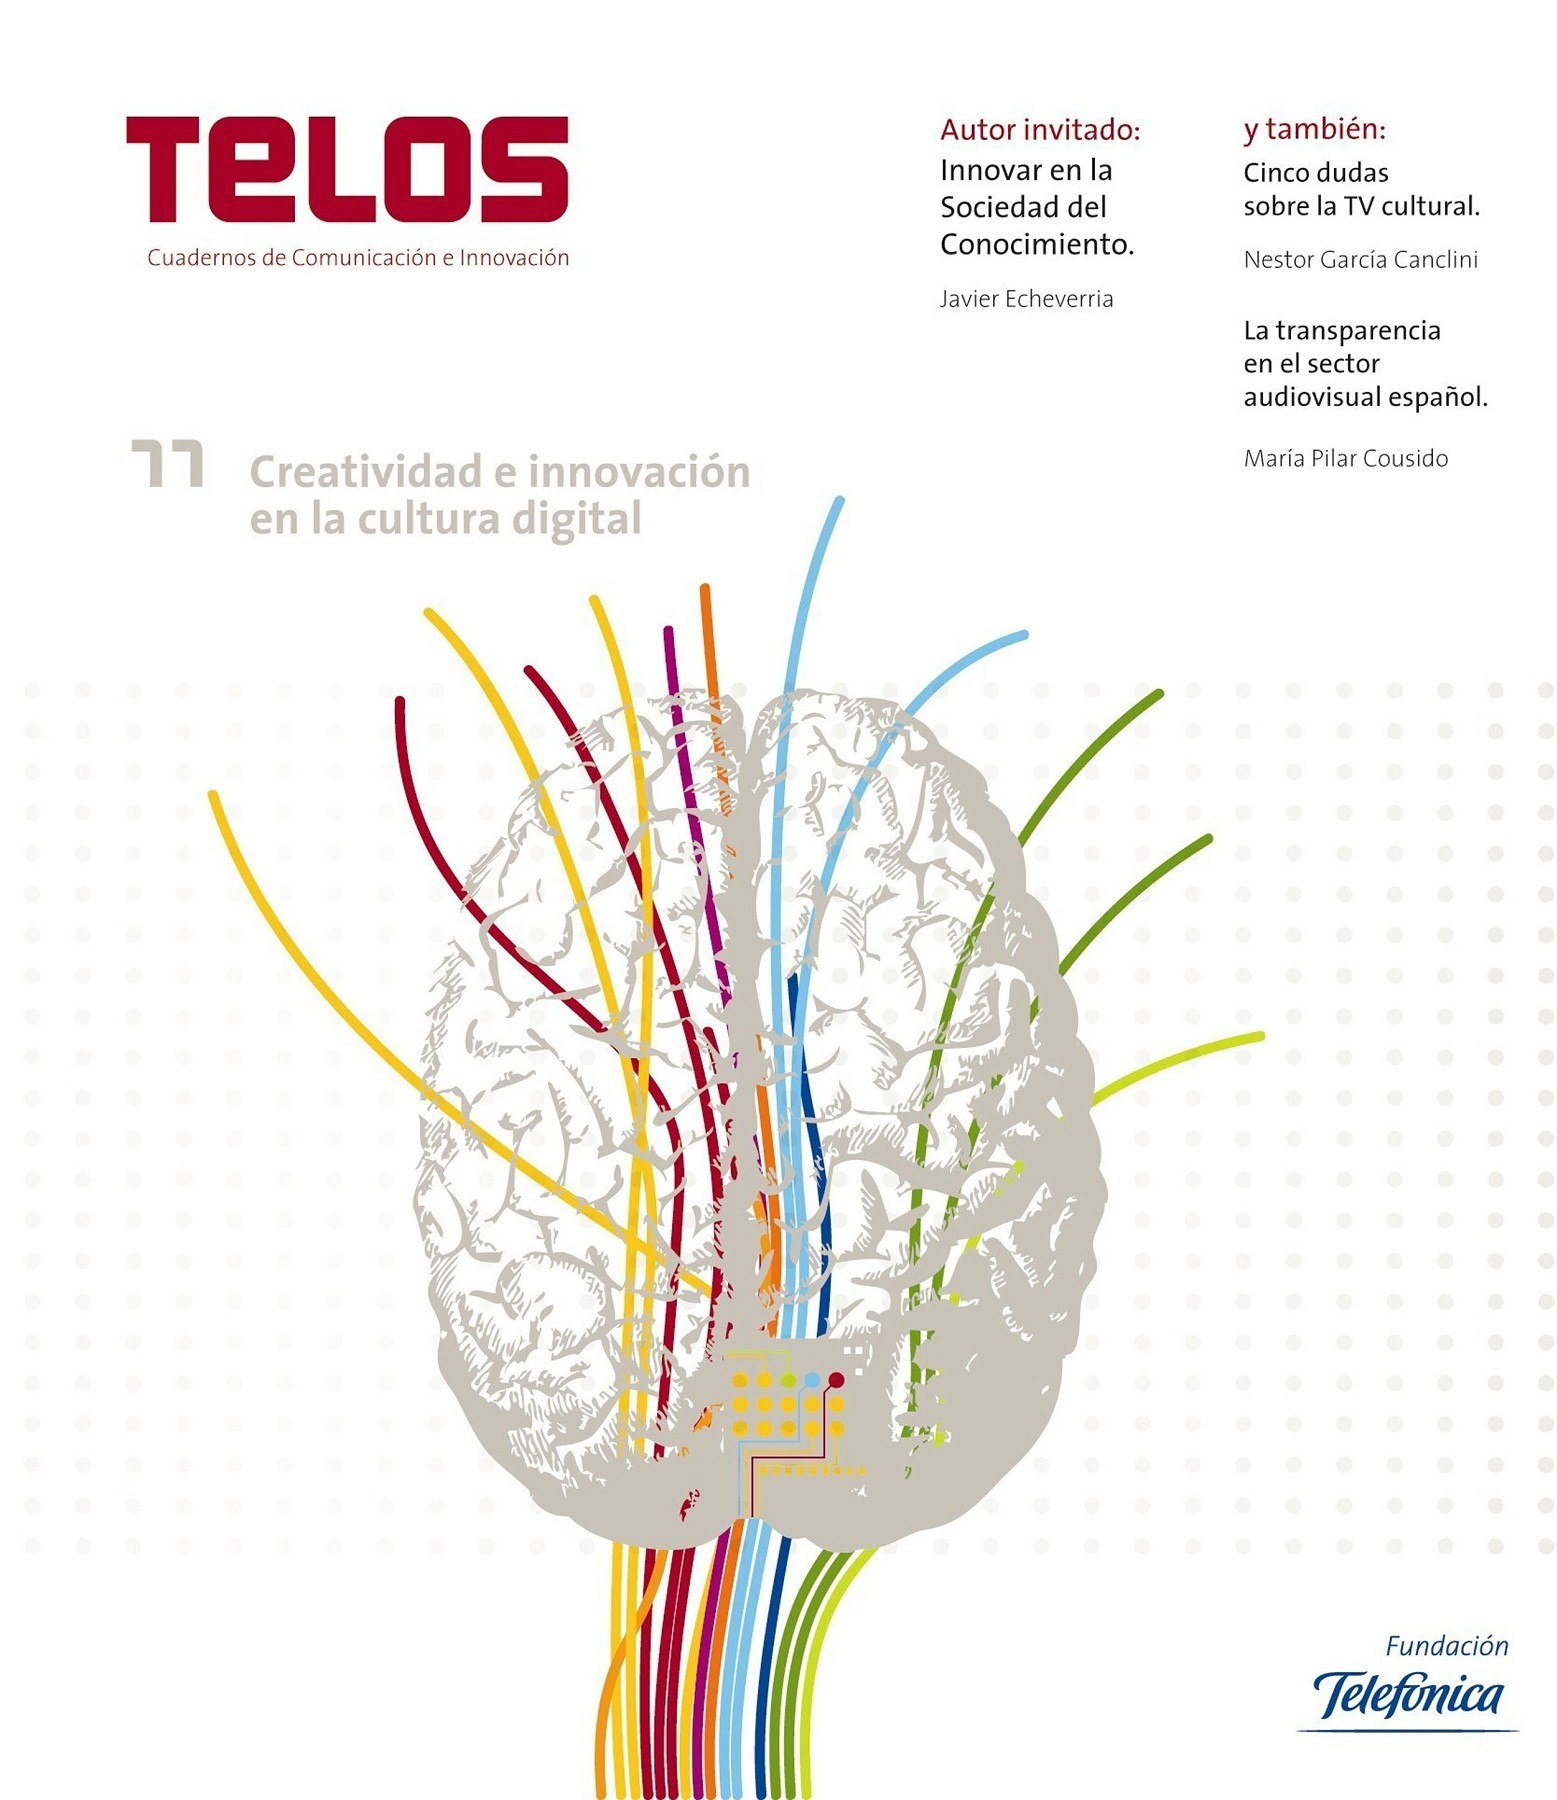 Autentica Pelicula Americana Porno Ver Gratis En Castellano telos_77 pages 1 - 50 - text version   pubhtml5